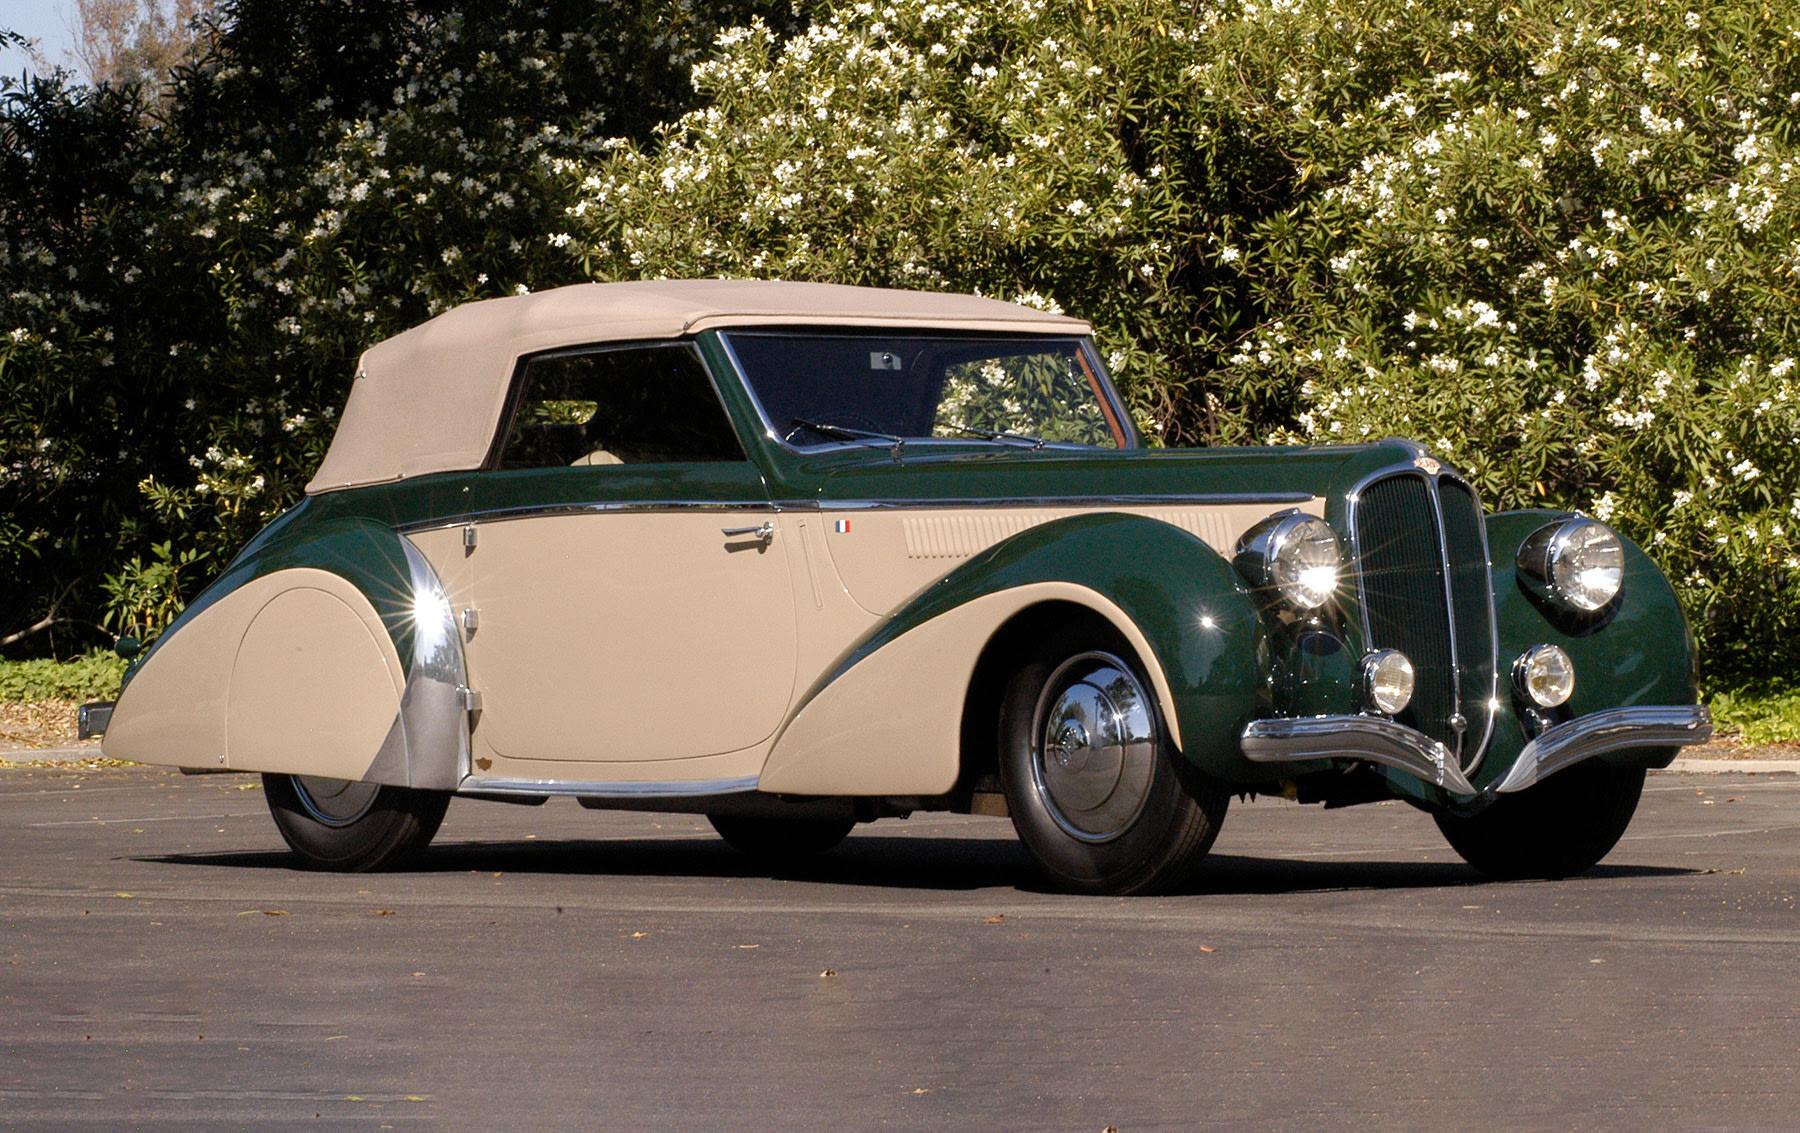 1948 Delahaye 135M Cabriolet